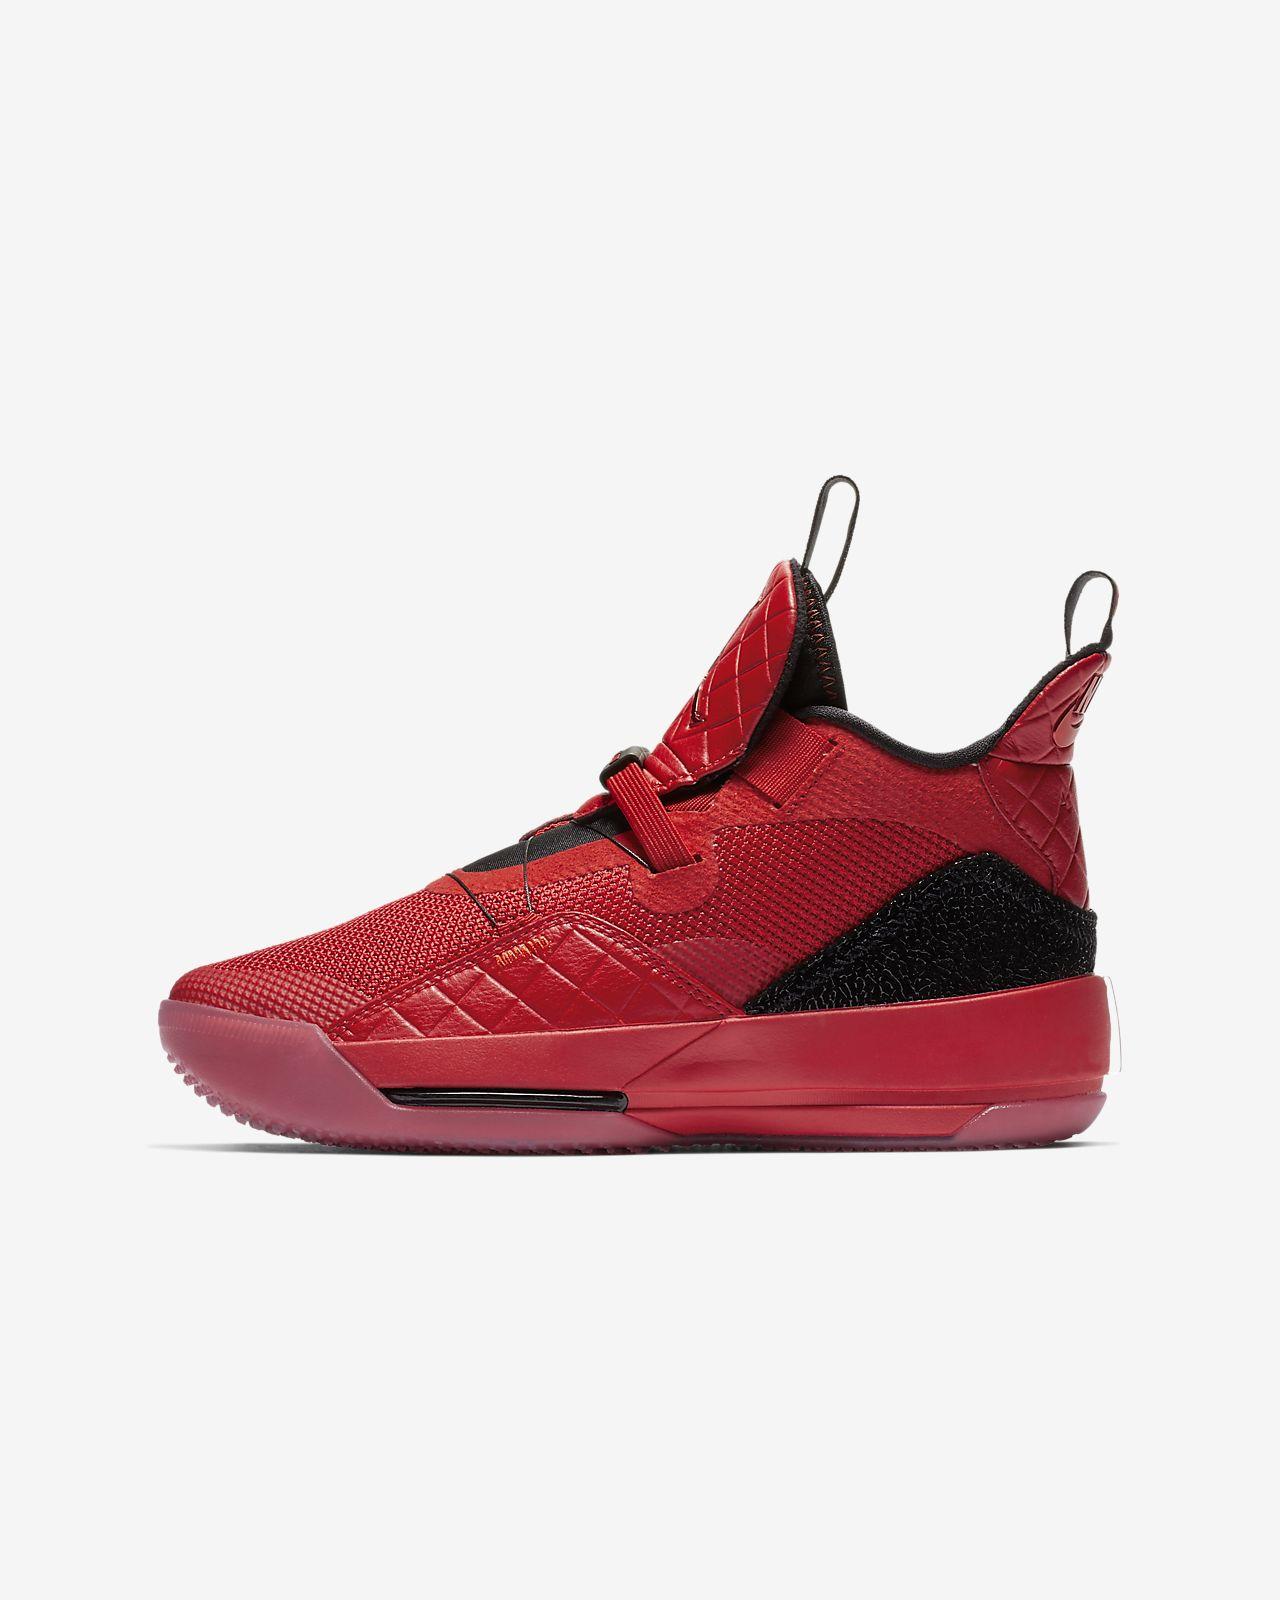 timeless design c9ca6 40bf1 ... Air Jordan XXXIII Zapatillas de baloncesto - Niñoa